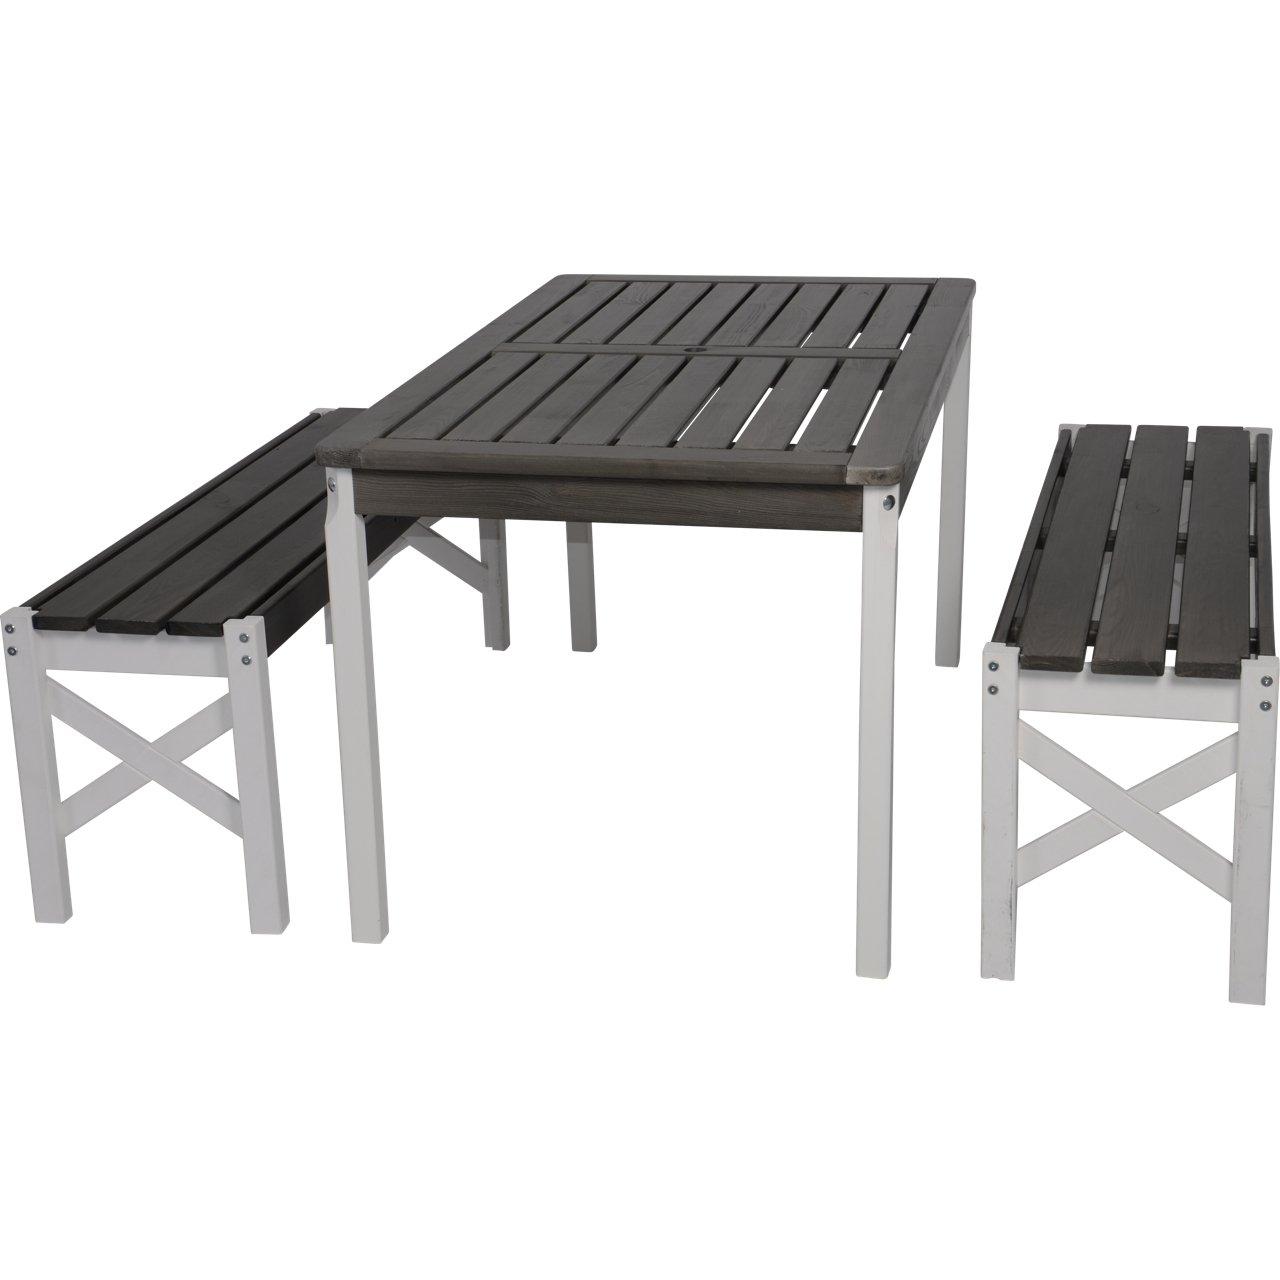 Gartenset Tallin - 2 Bänke und 1 Tisch aus Kiefernholz in grau / weiß